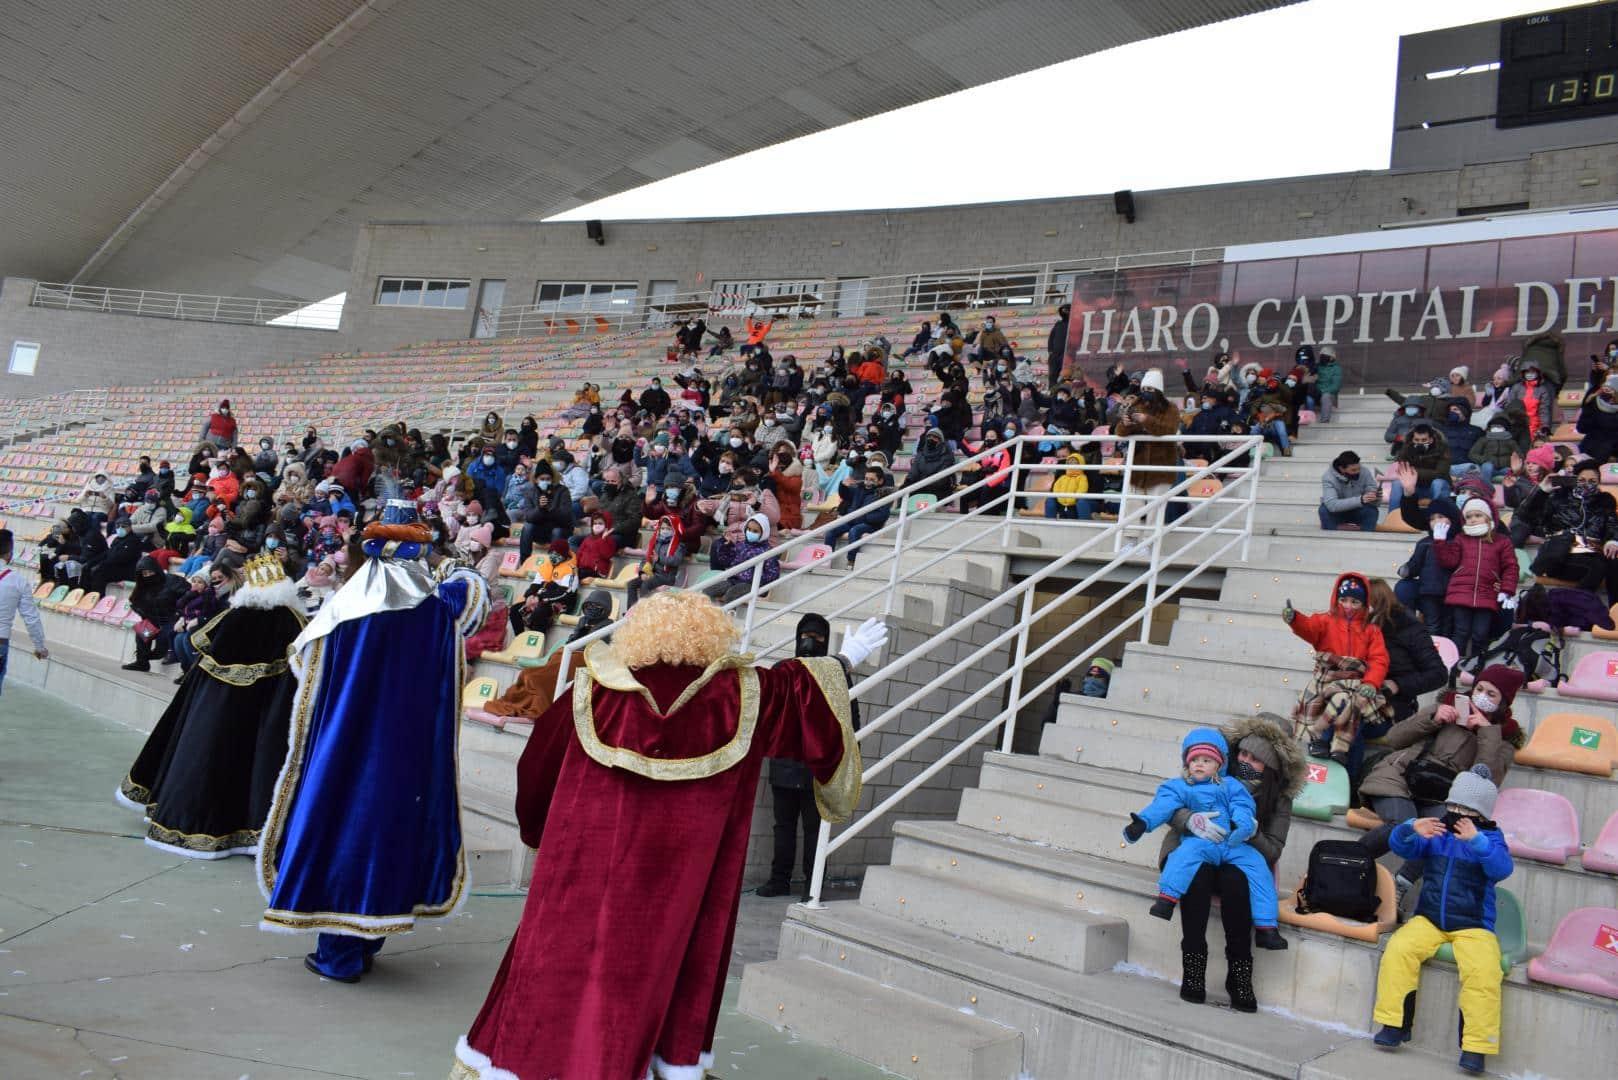 FOTOS: La magia de los Reyes Magos llega a Haro 9